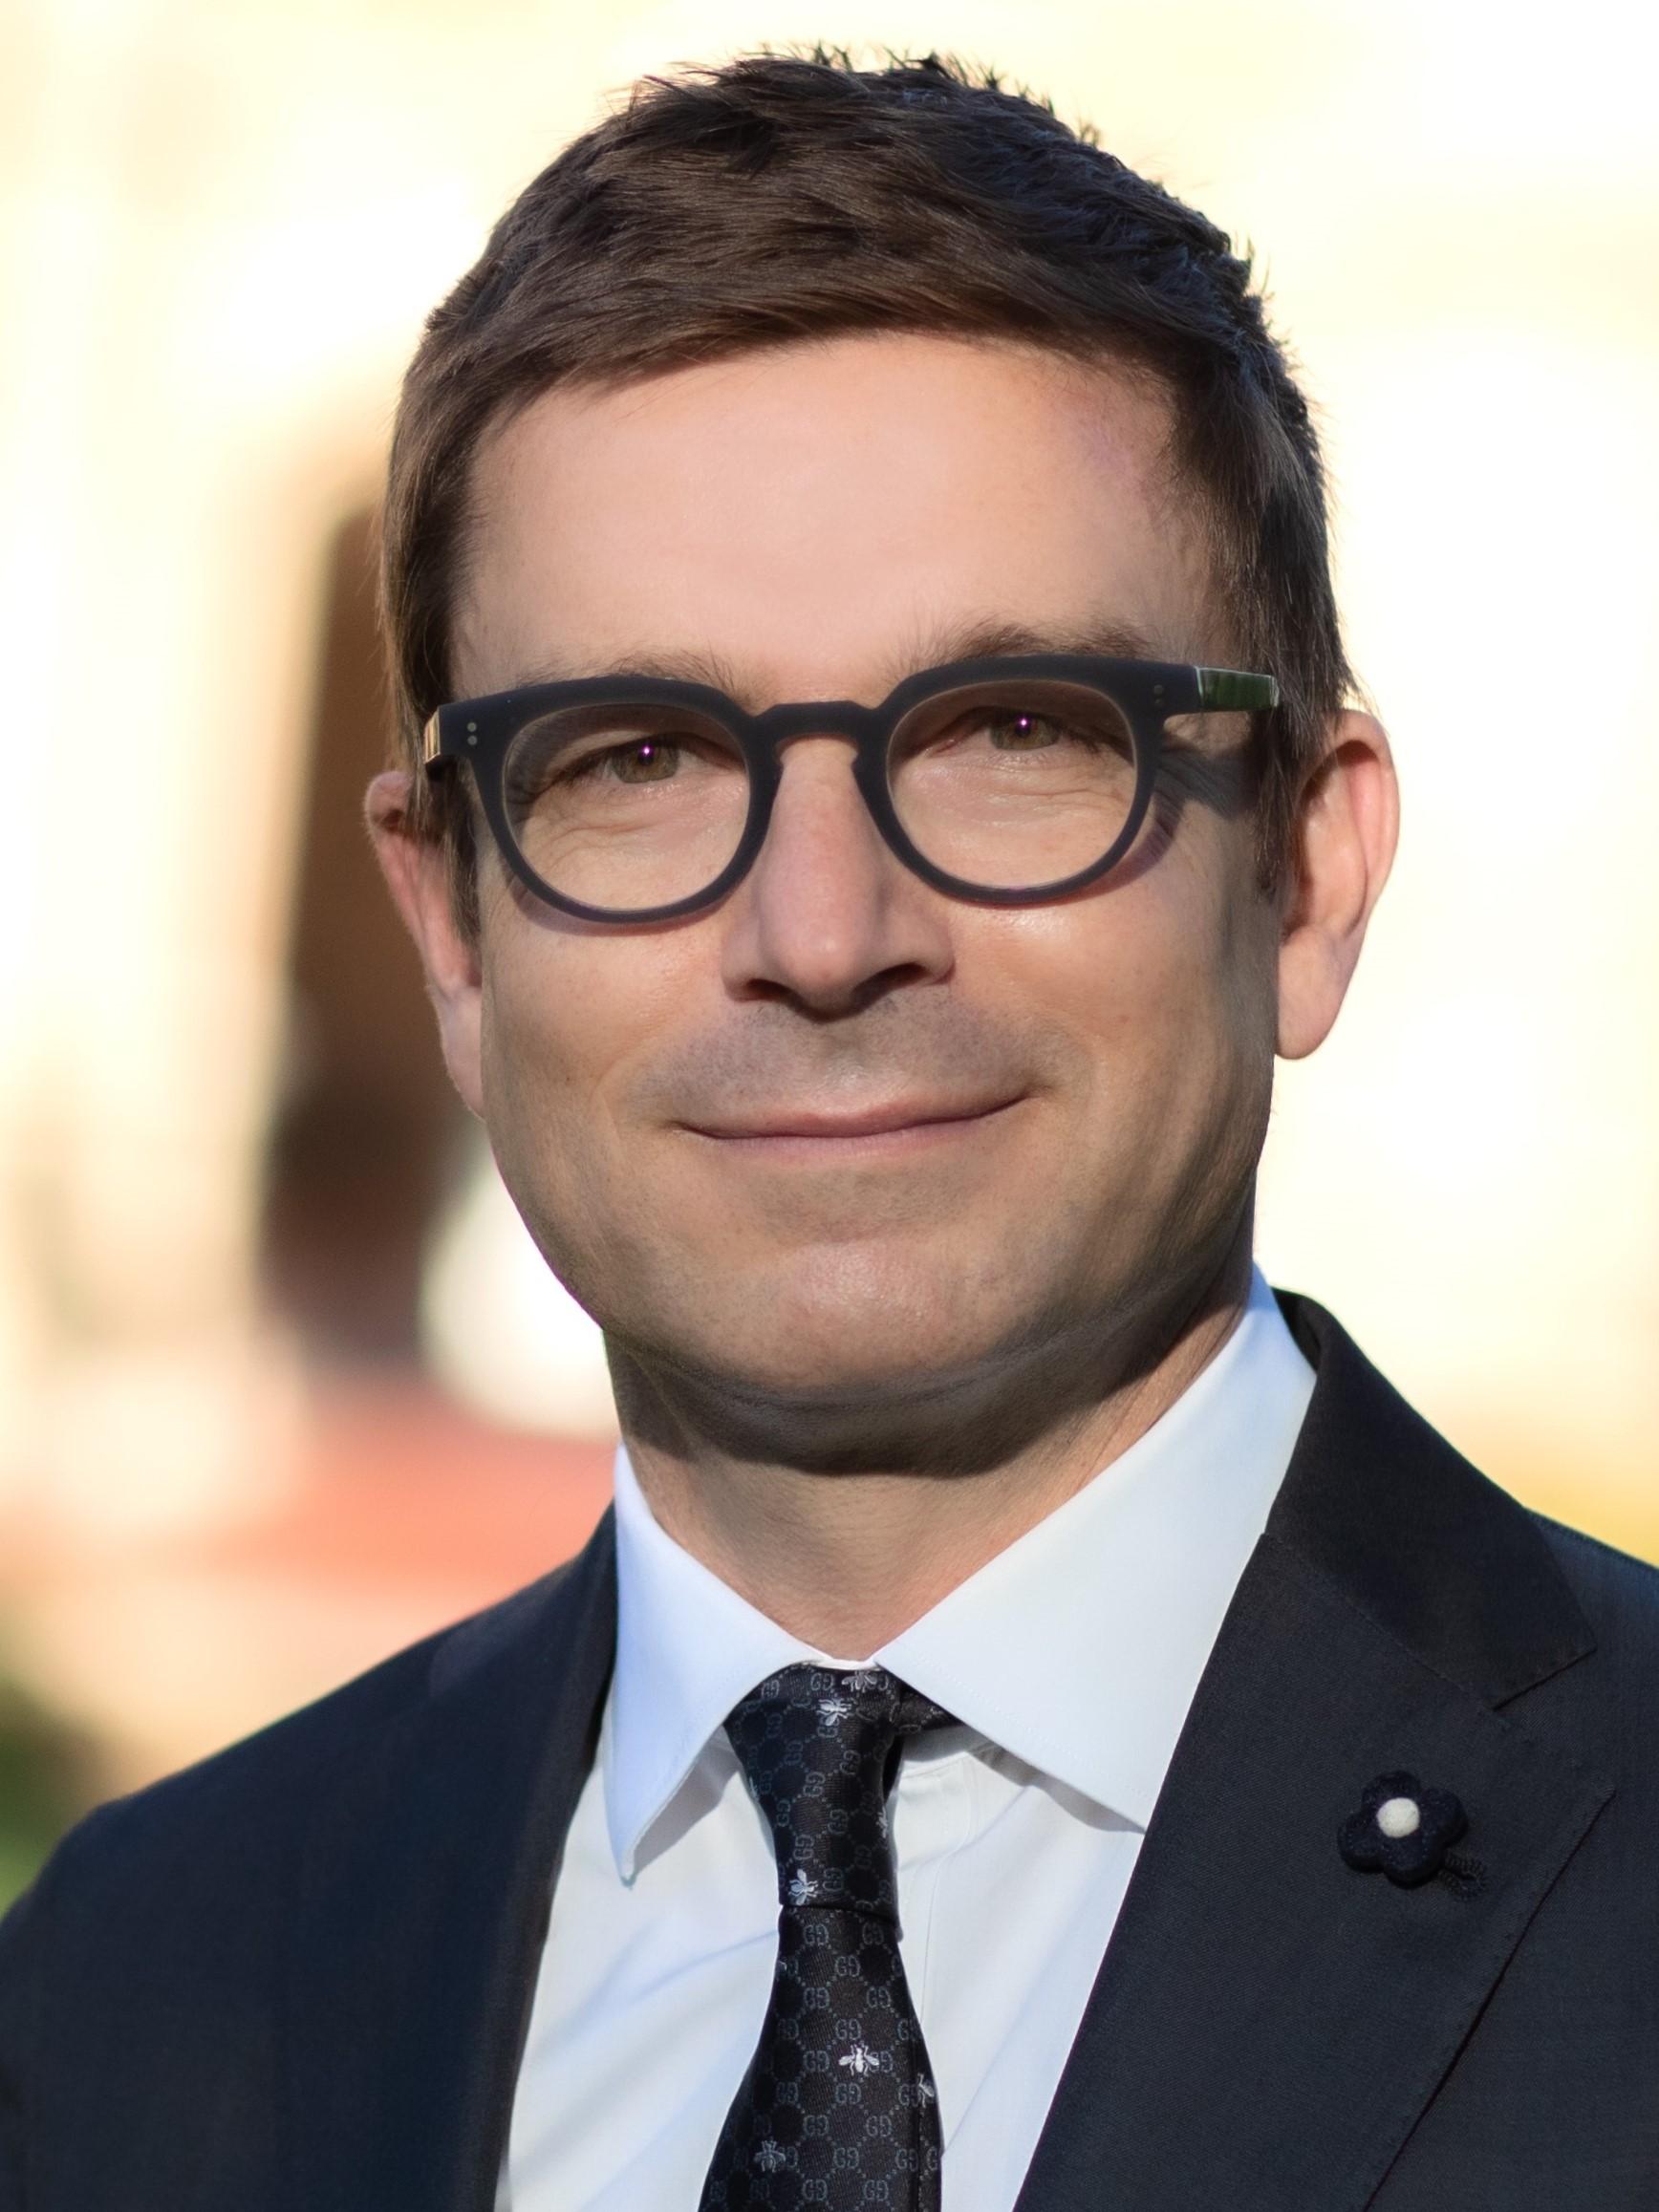 Gustavo Oderich, MD, FACS